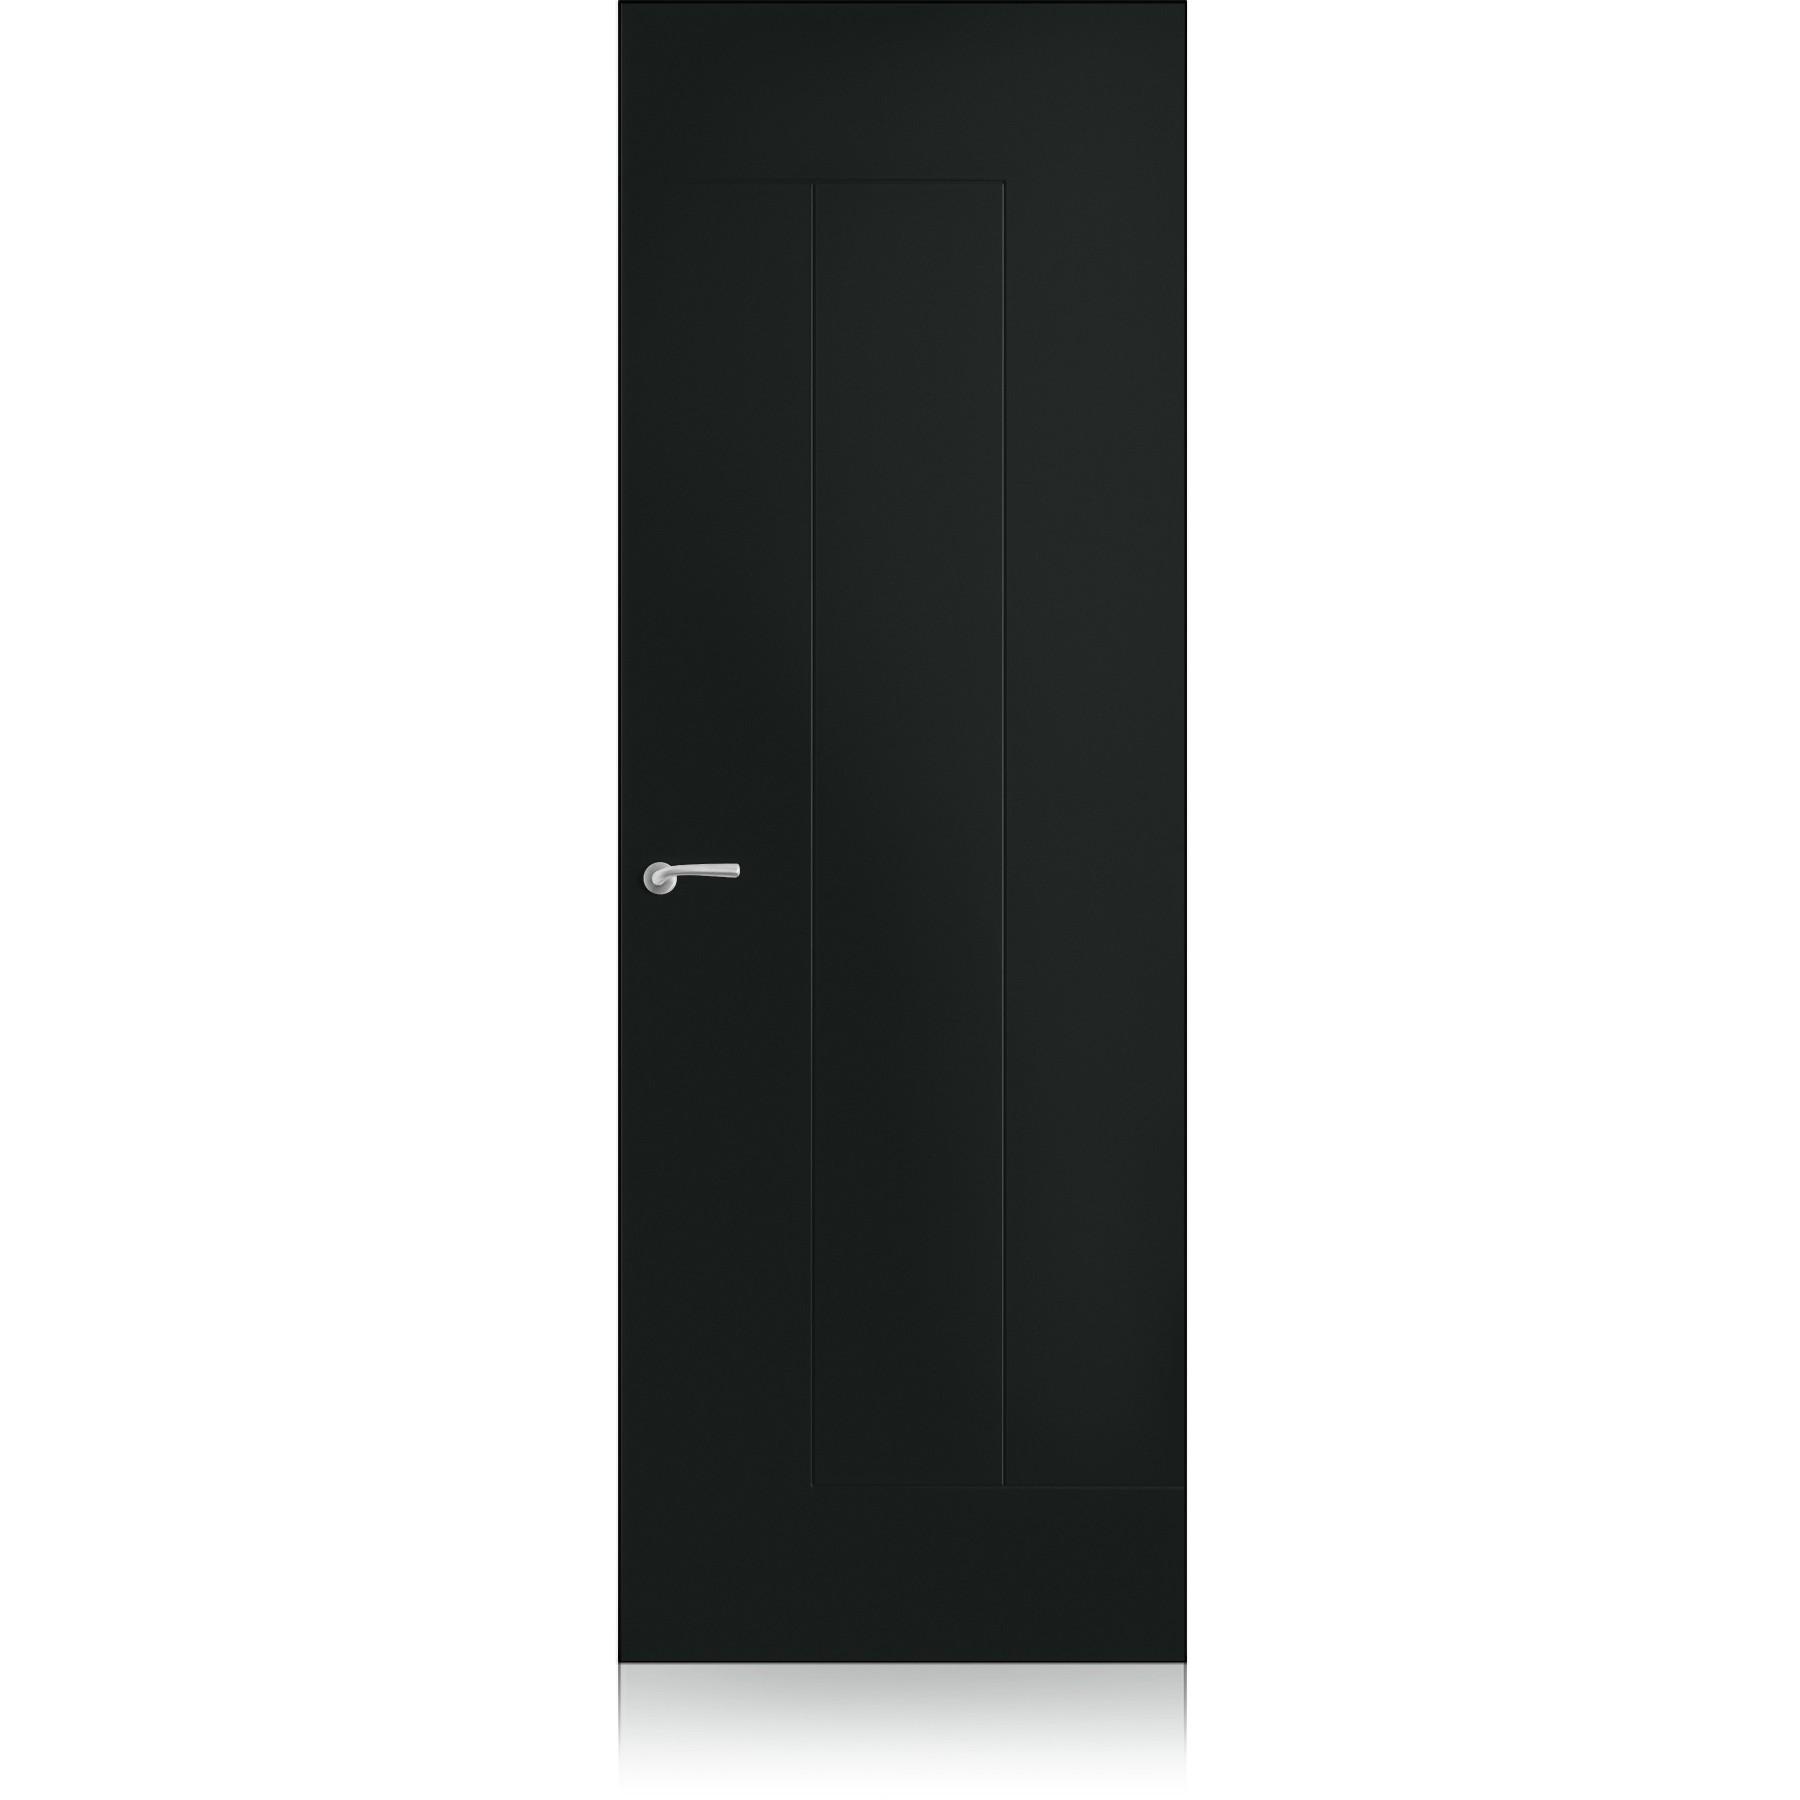 Porta Yncisa/8 Zero Nero Profondo Laccato ULTRAopaco